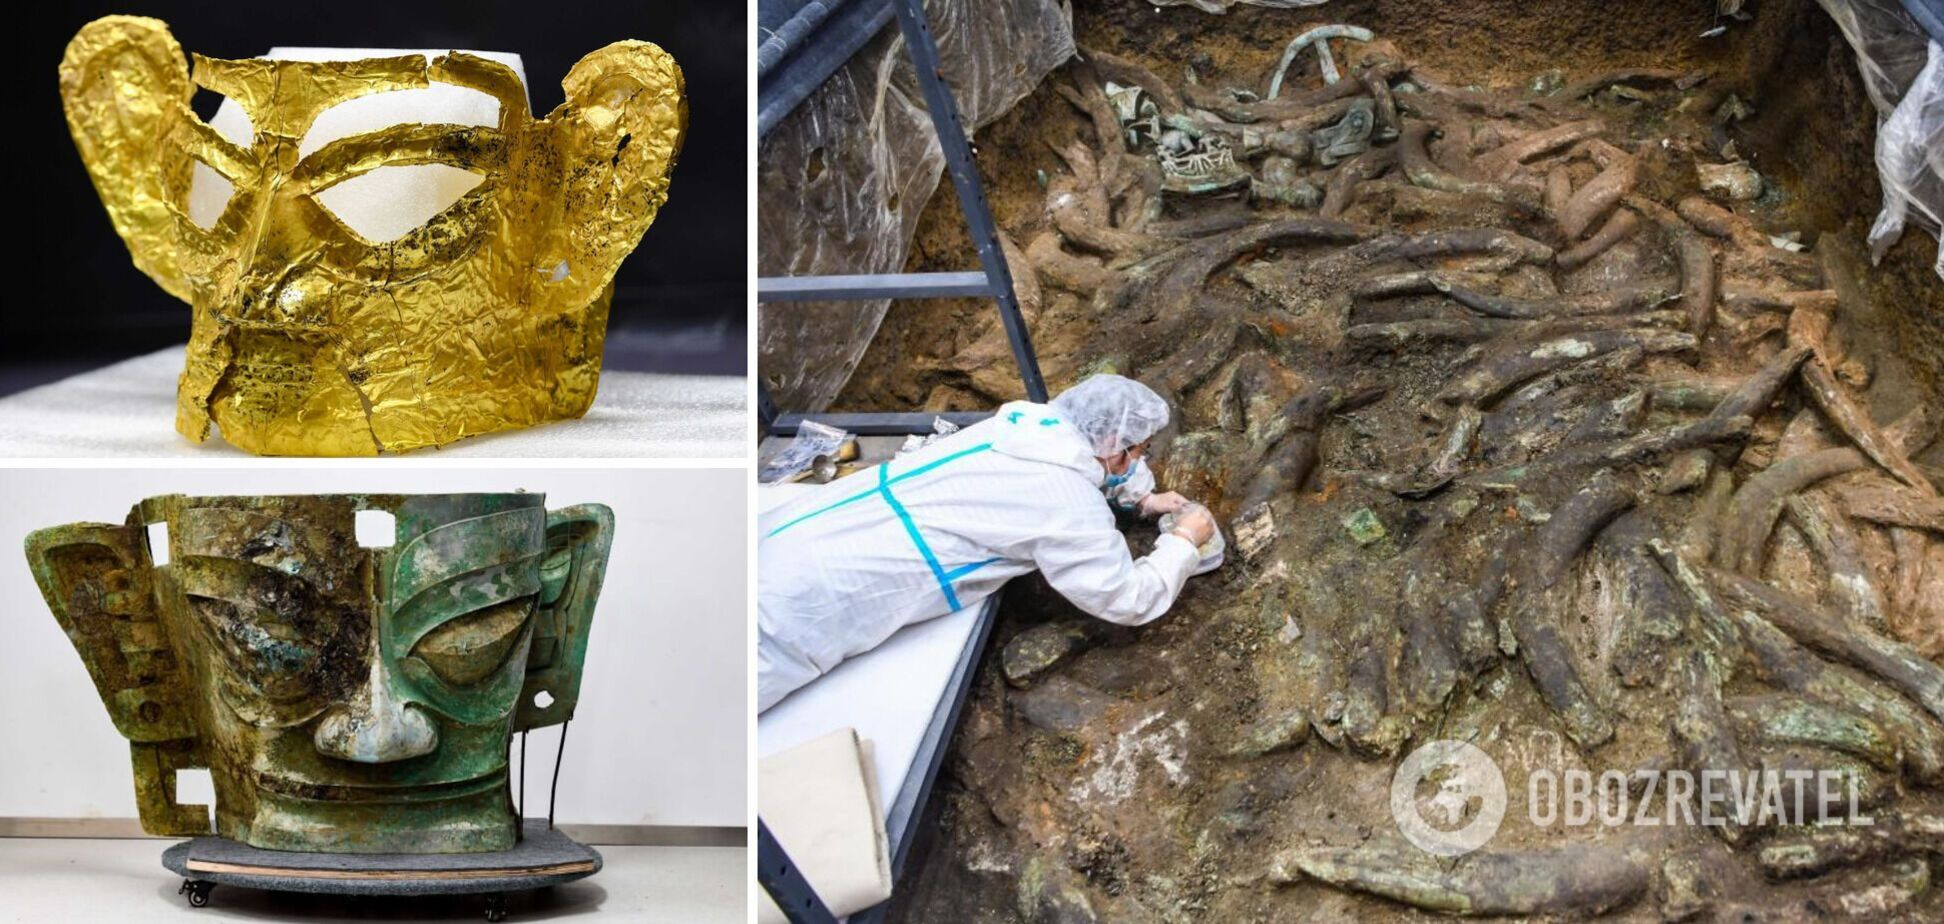 В Китае показали золотую маску, которой более 3 тыс. лет: ее нашли в жертвенной яме. Фото